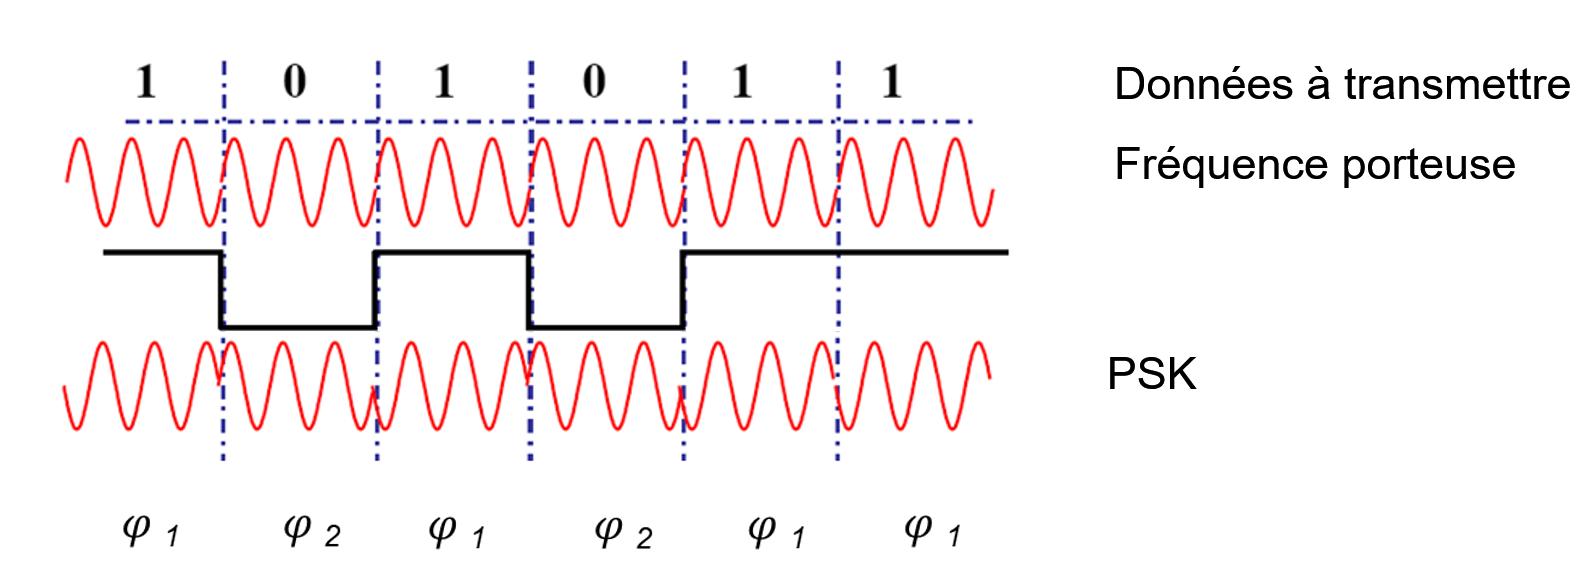 L'allure d'un signal de type PSK (